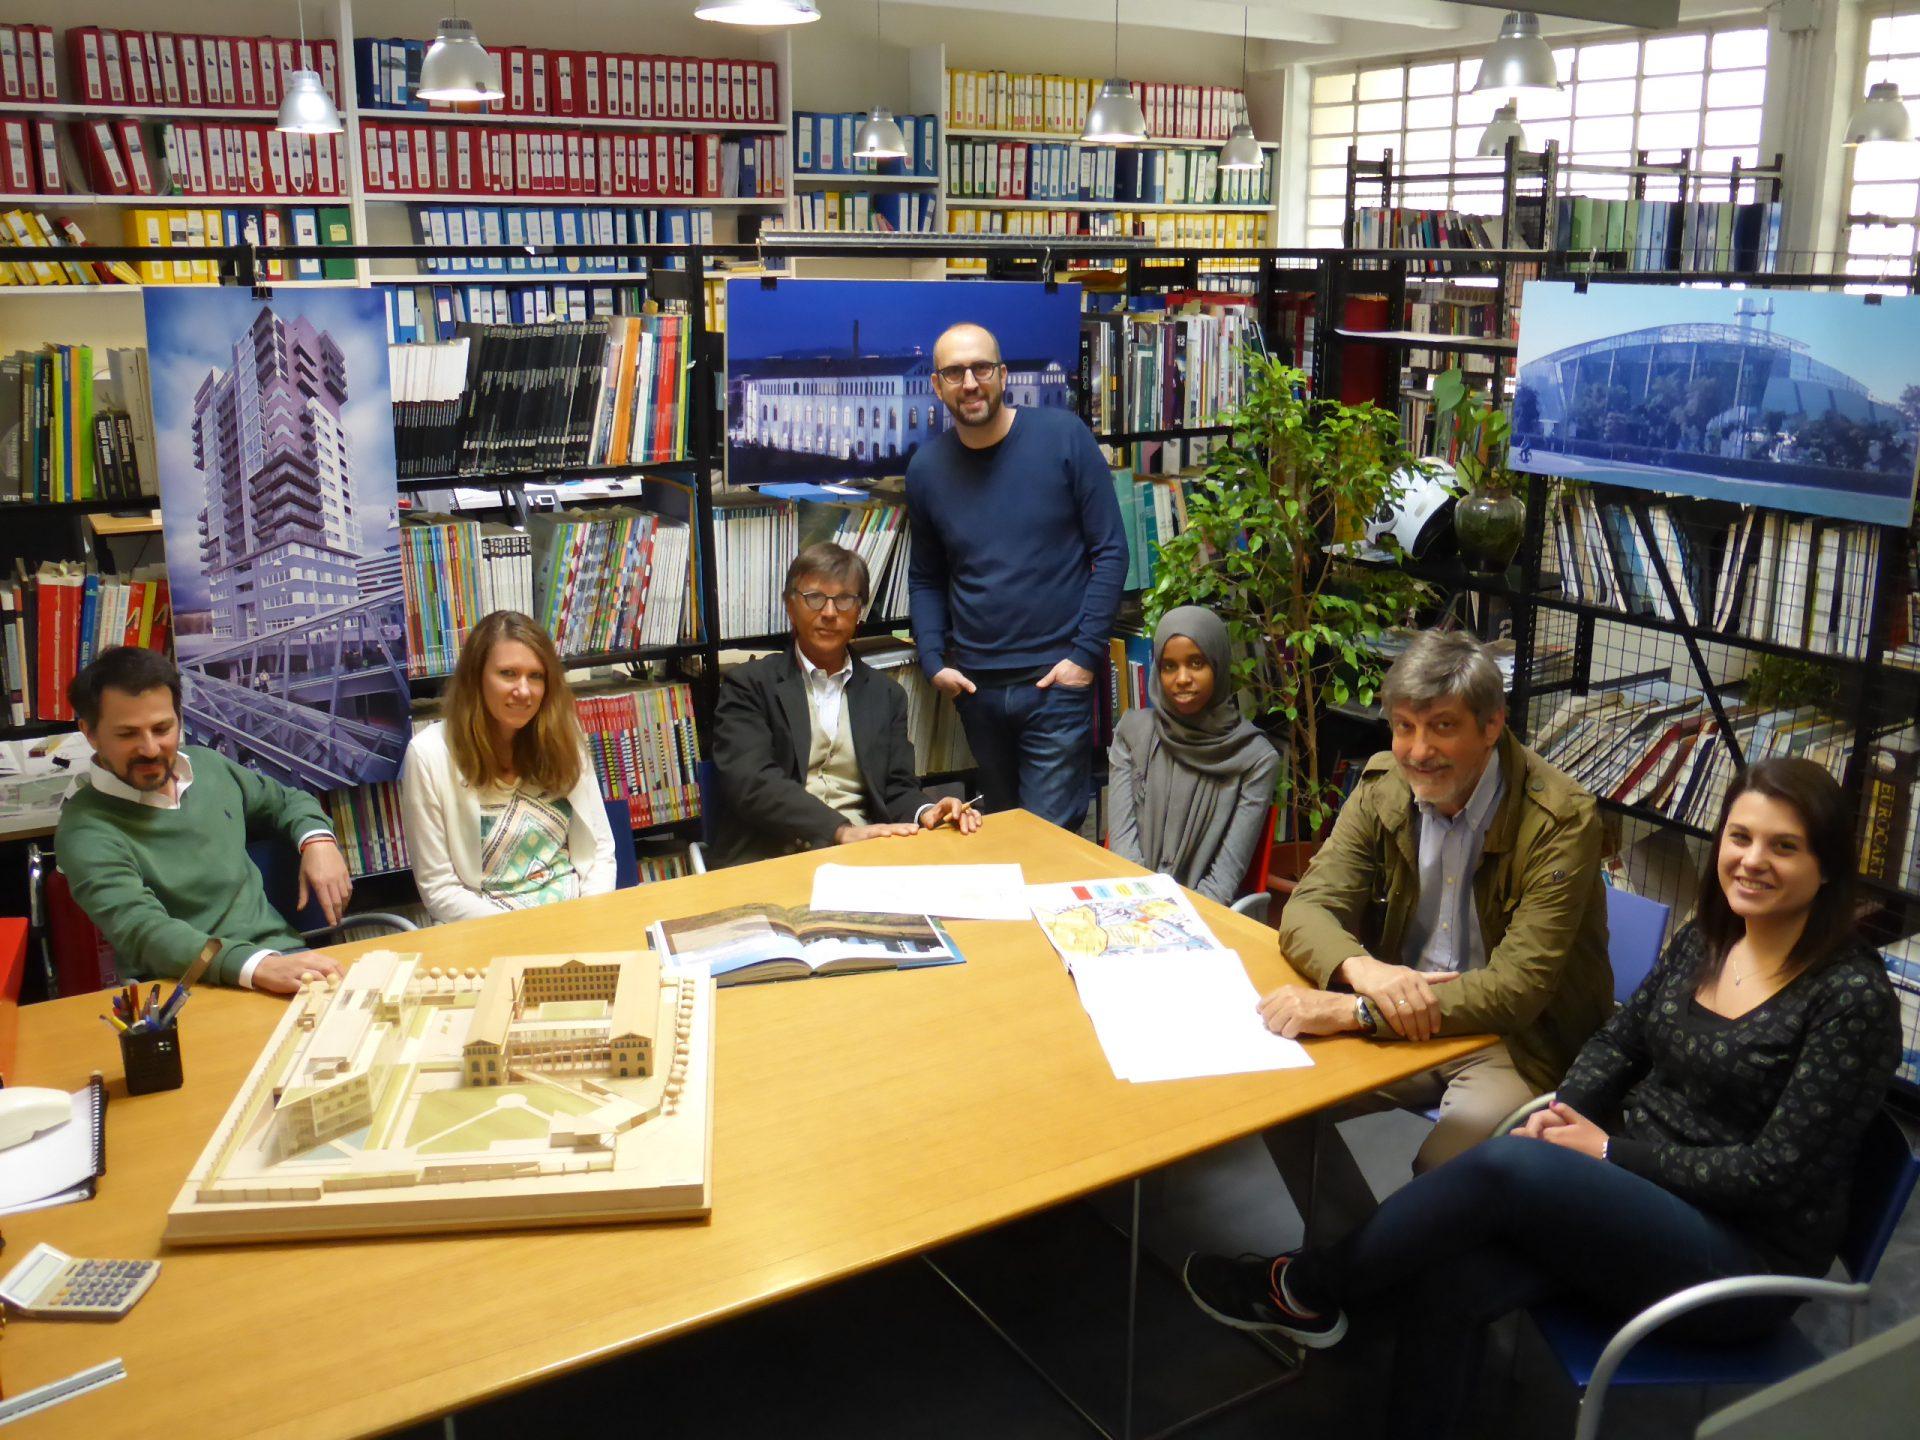 Fotografia dello studio di Architettura e del team di lavoro